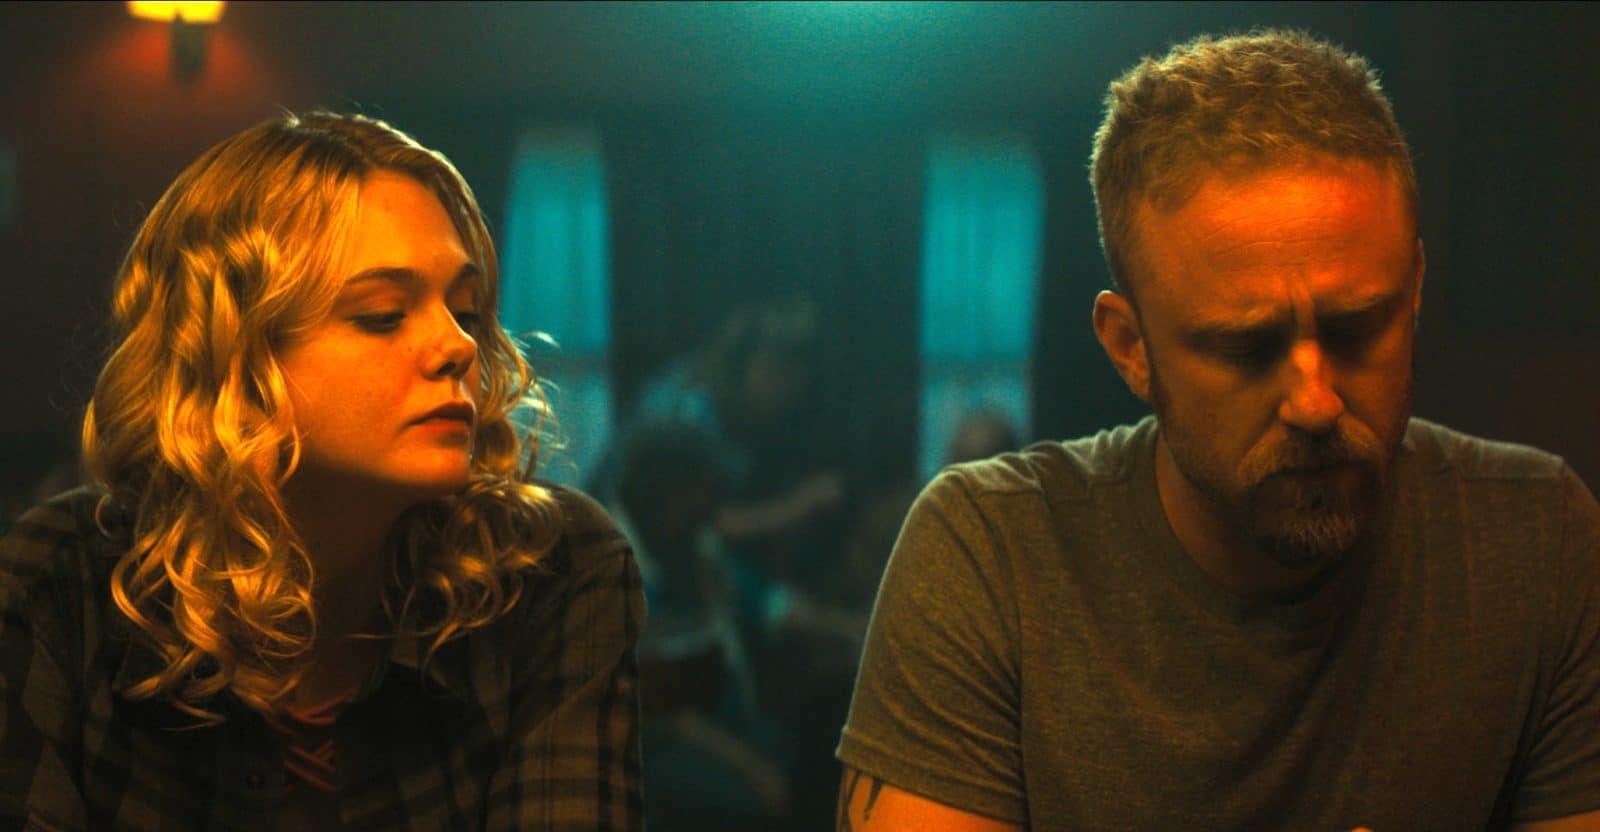 девушка и мужчина сидят в темном баре